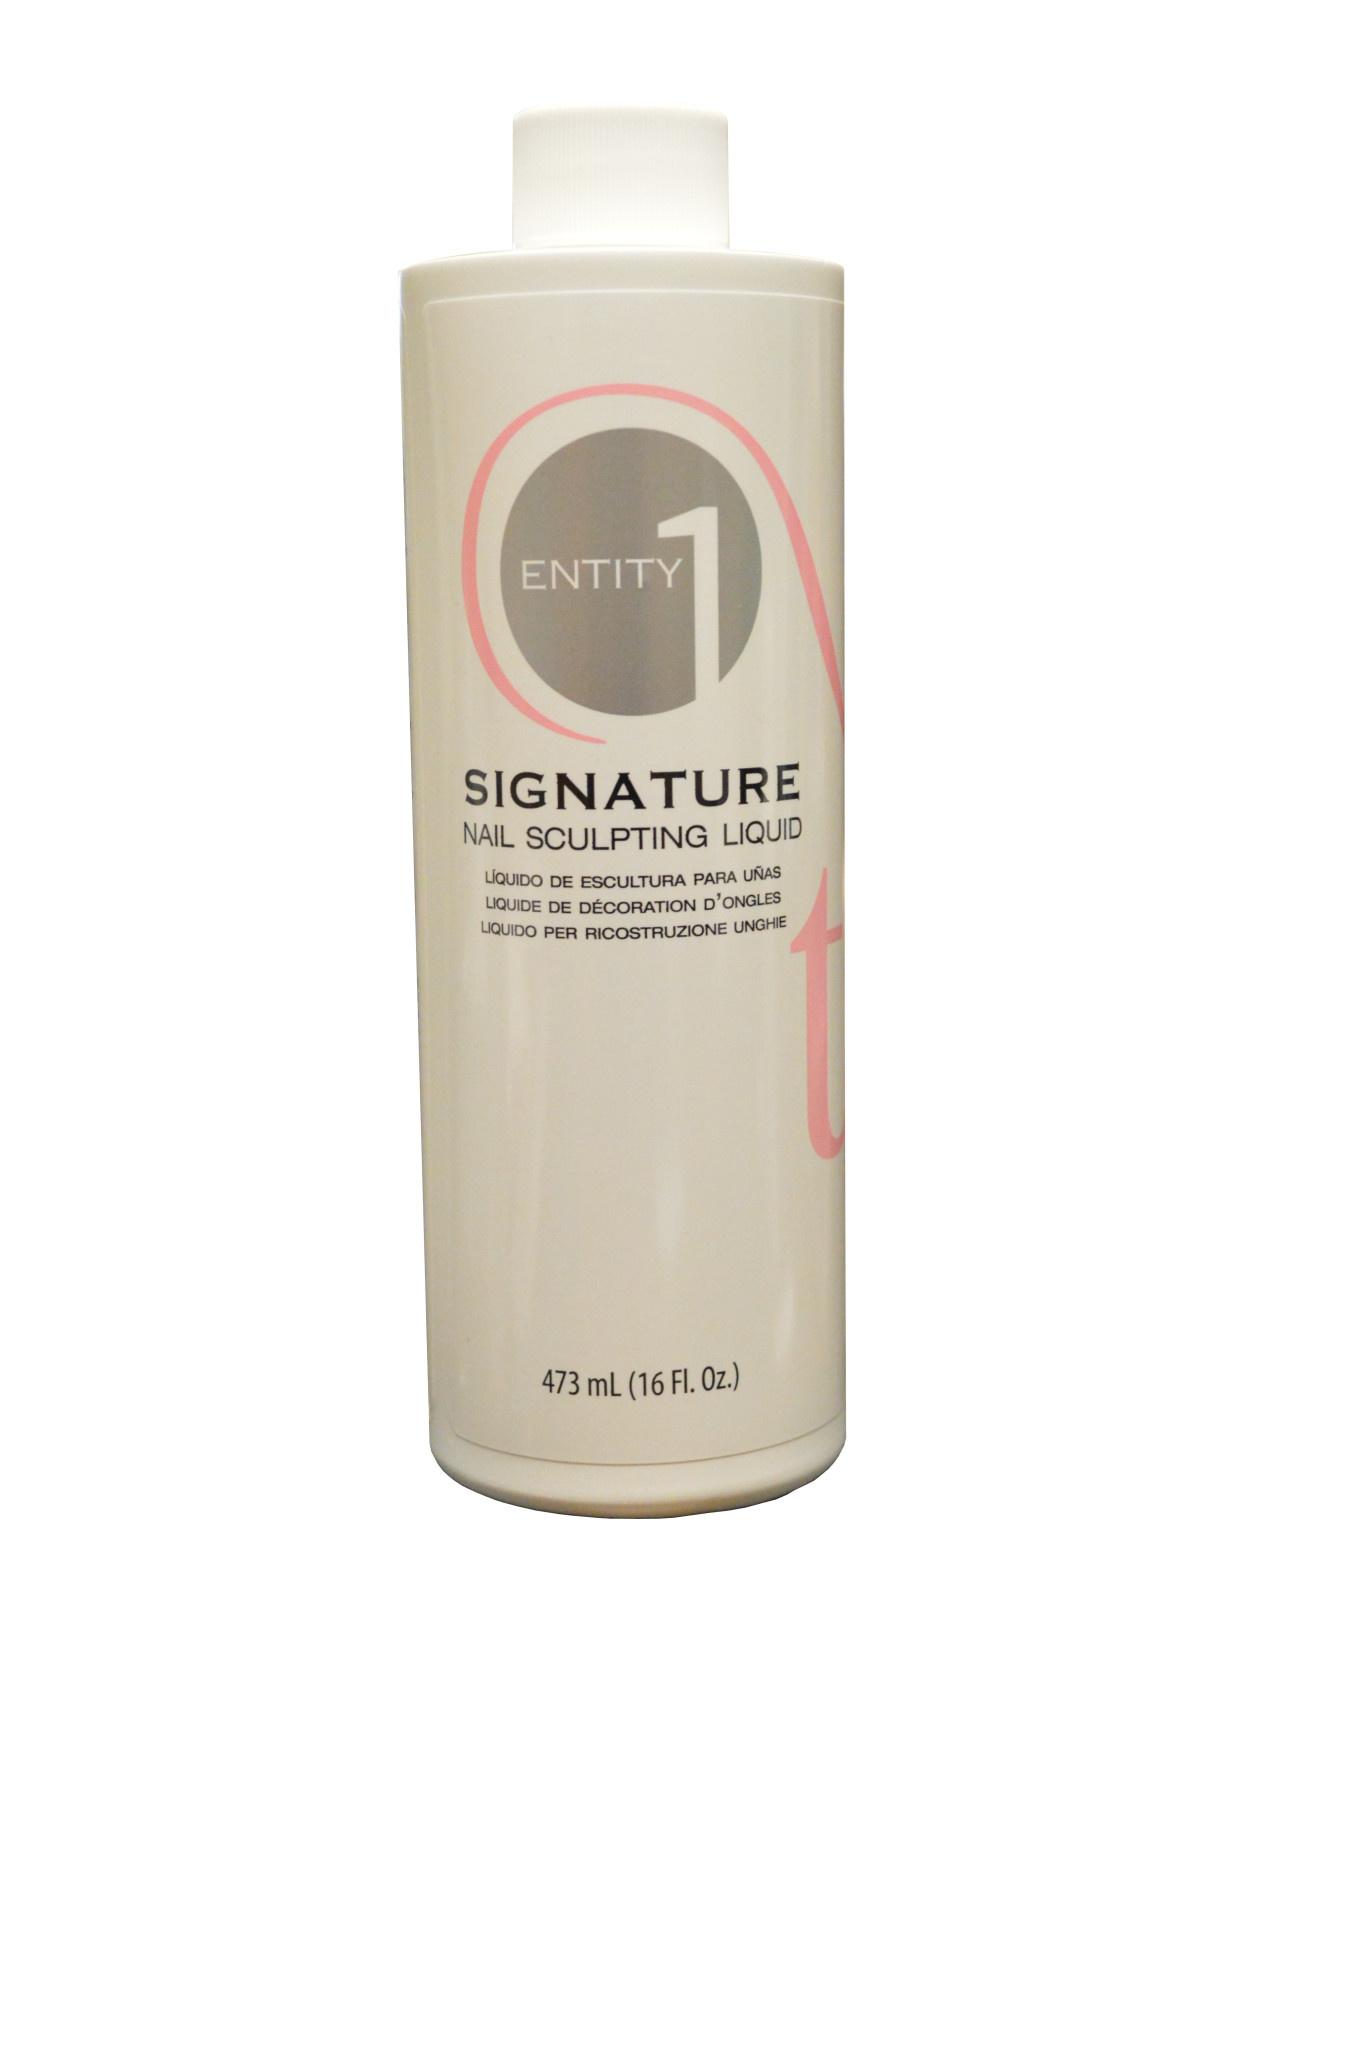 ENTITY Signature Sculpting Liquid